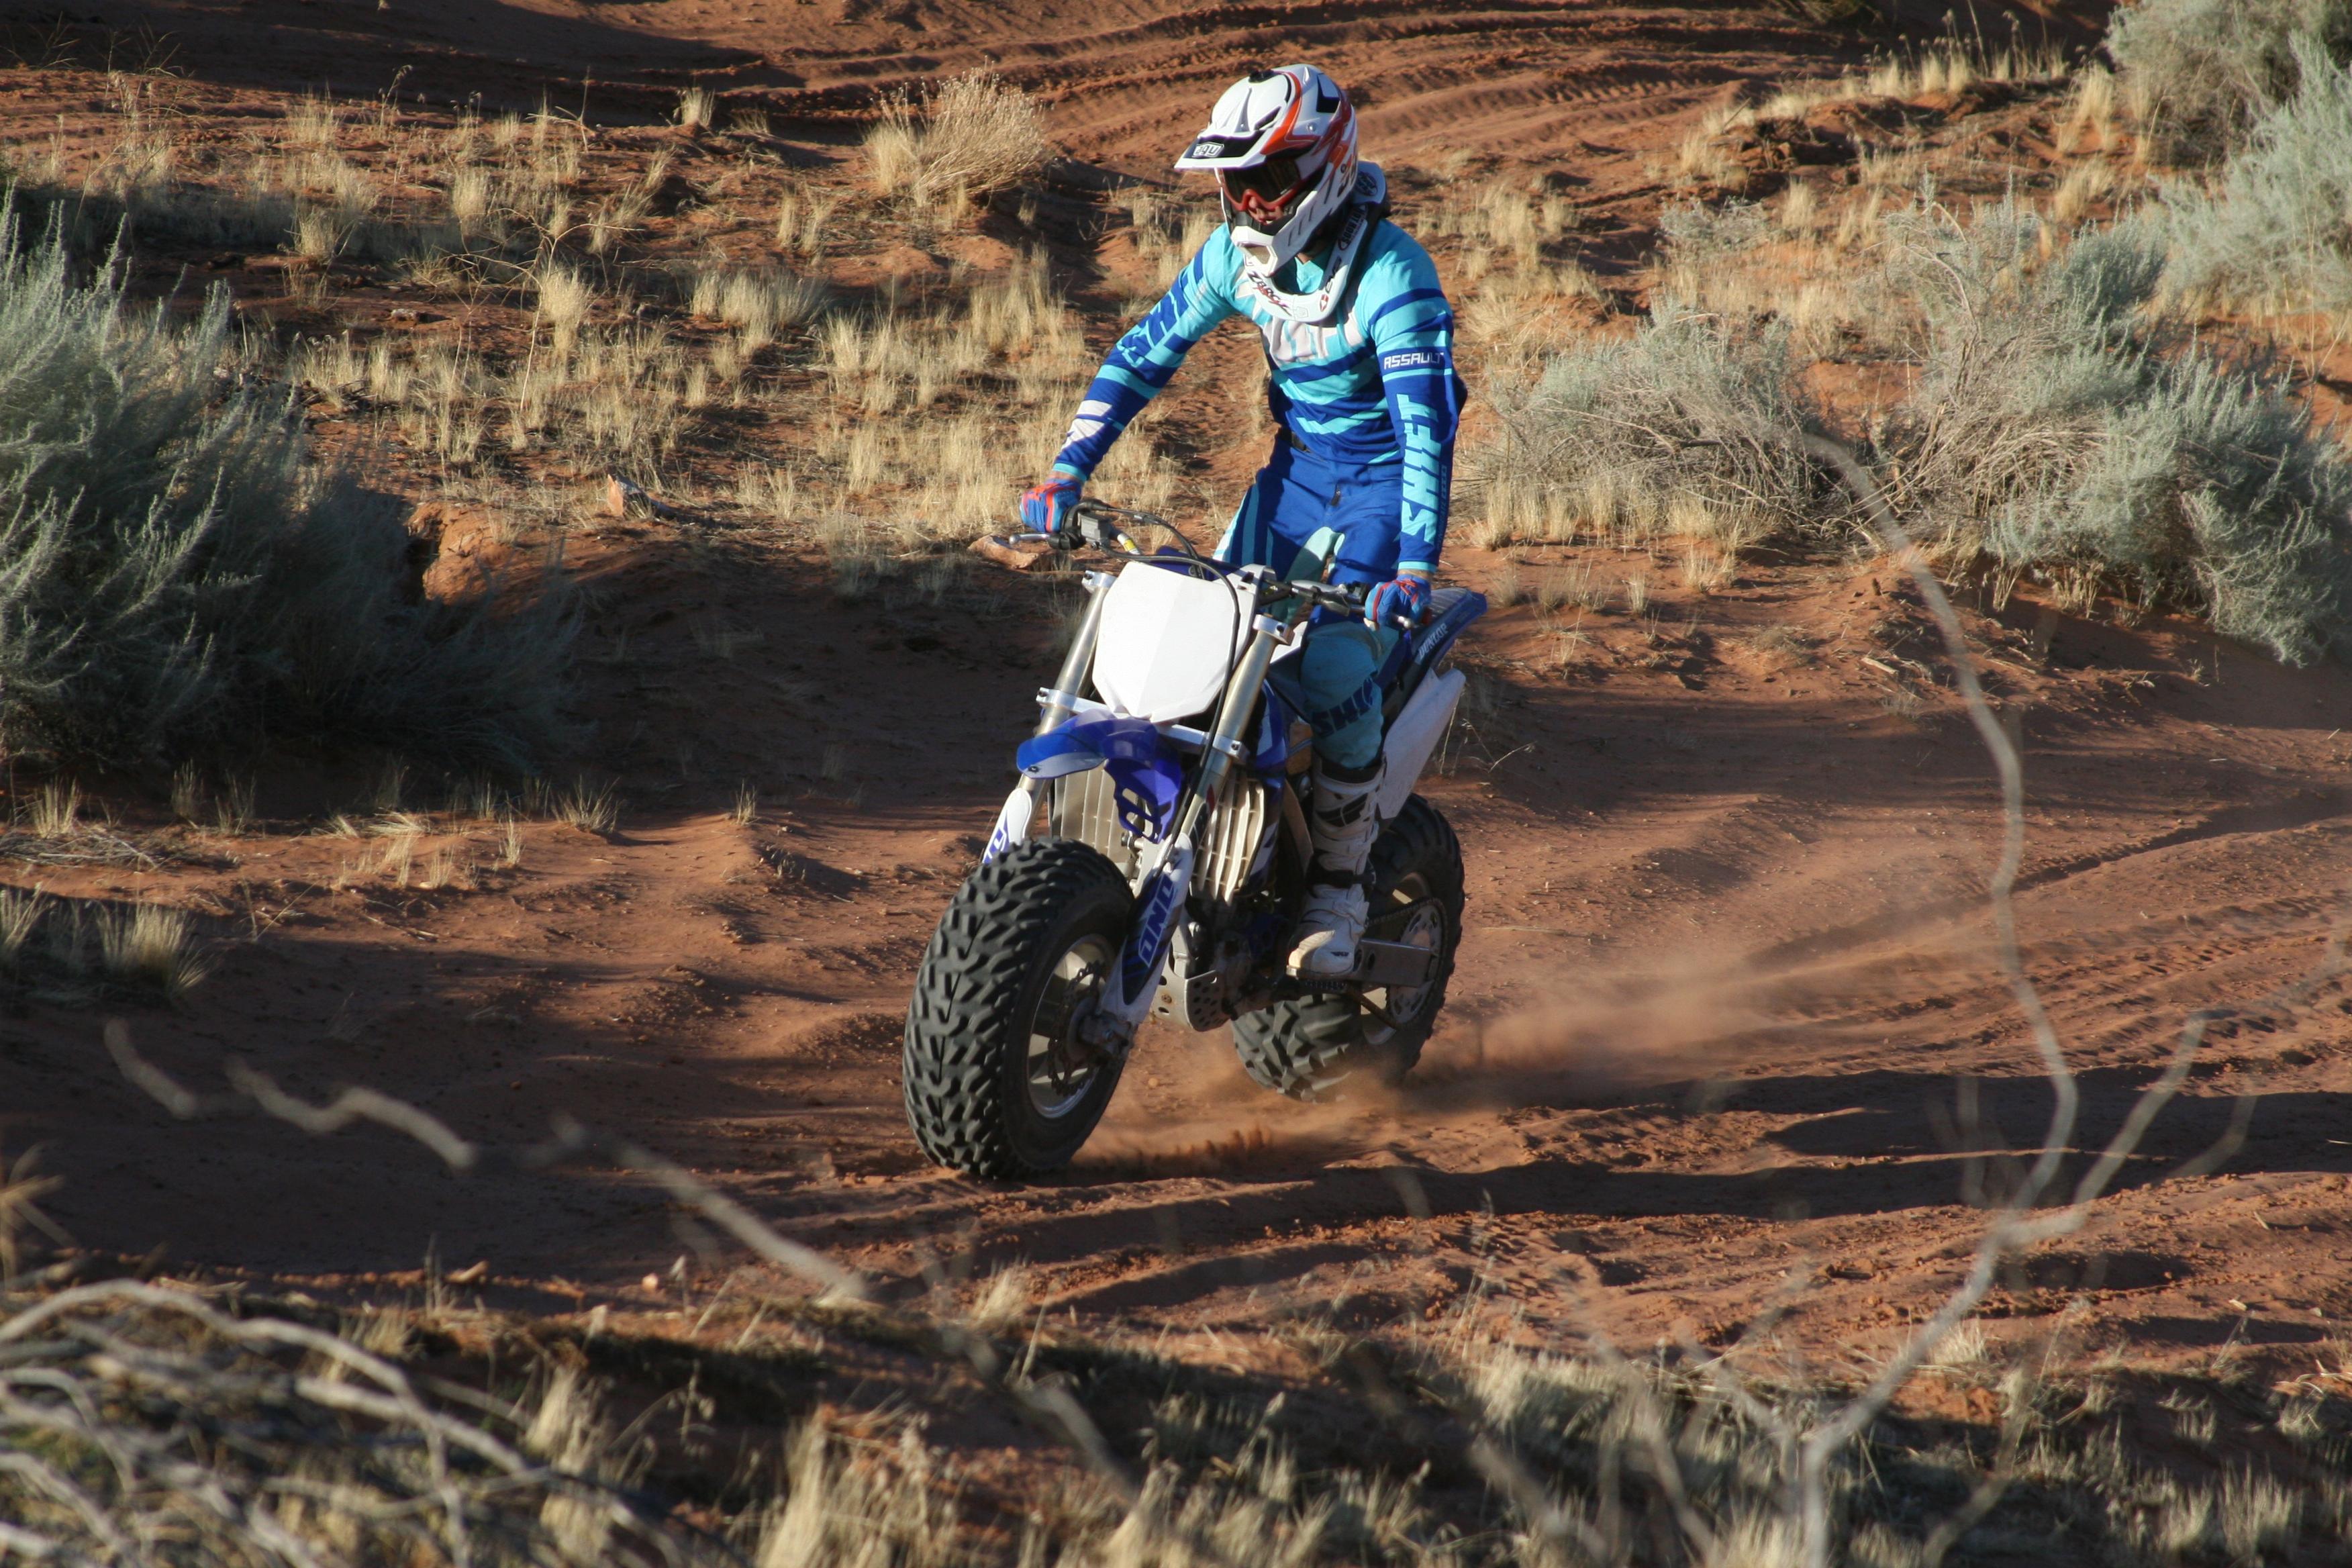 Big Wheel Conversion Yz Carey on Yamaha Warrior 350 Racing